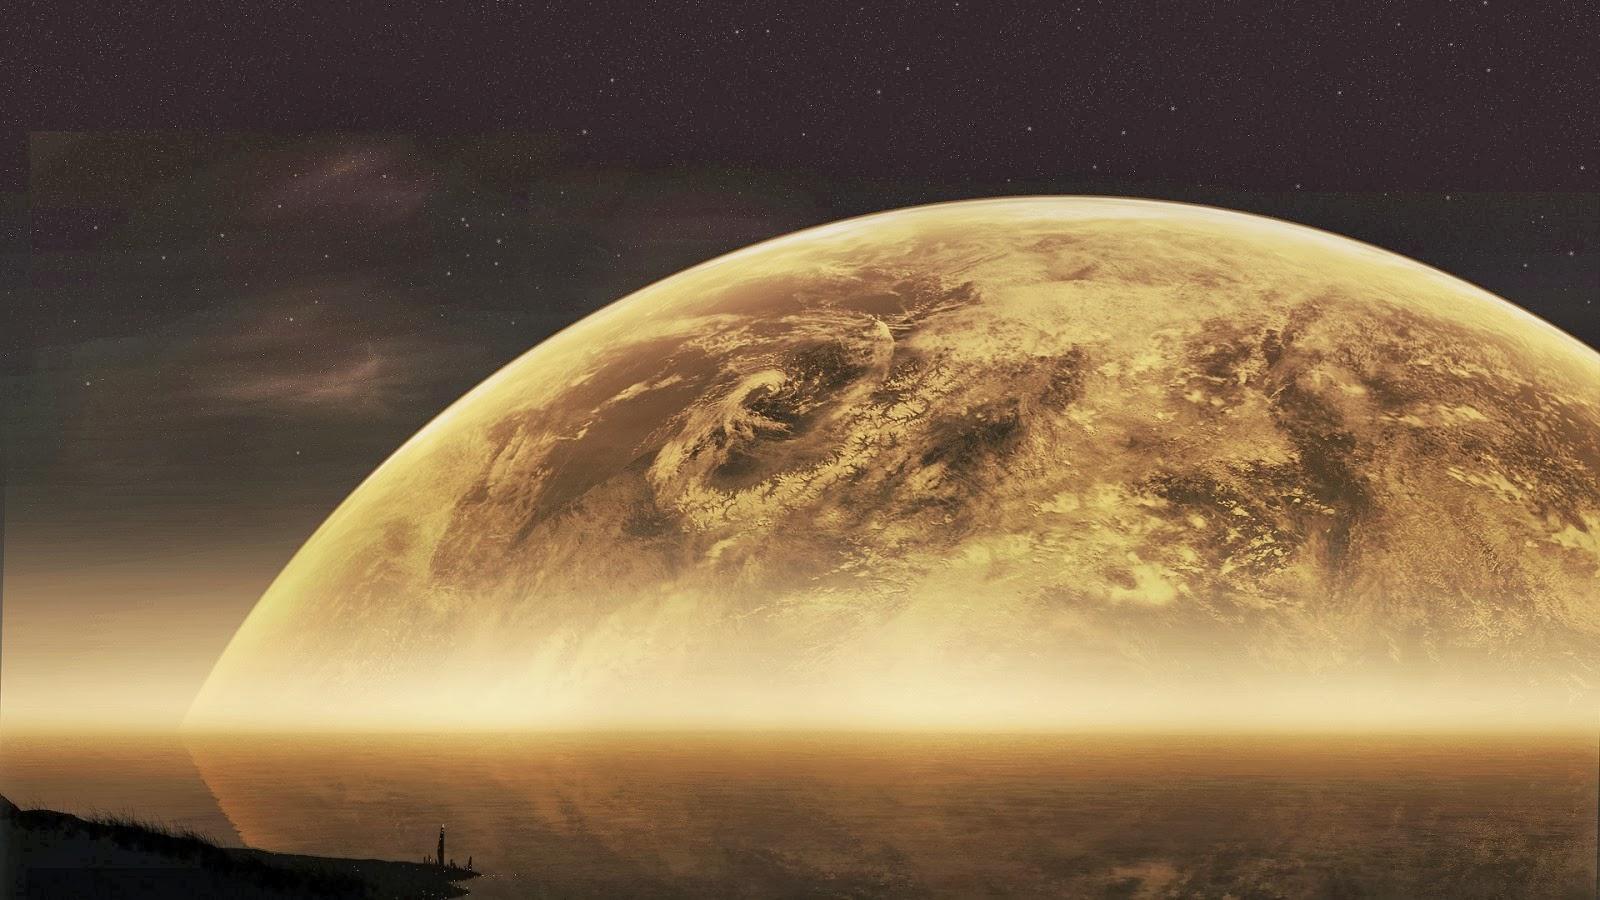 بالصور اجمل صور للقمر , احلى واجمل وارق صور لوجه القمر 403 8